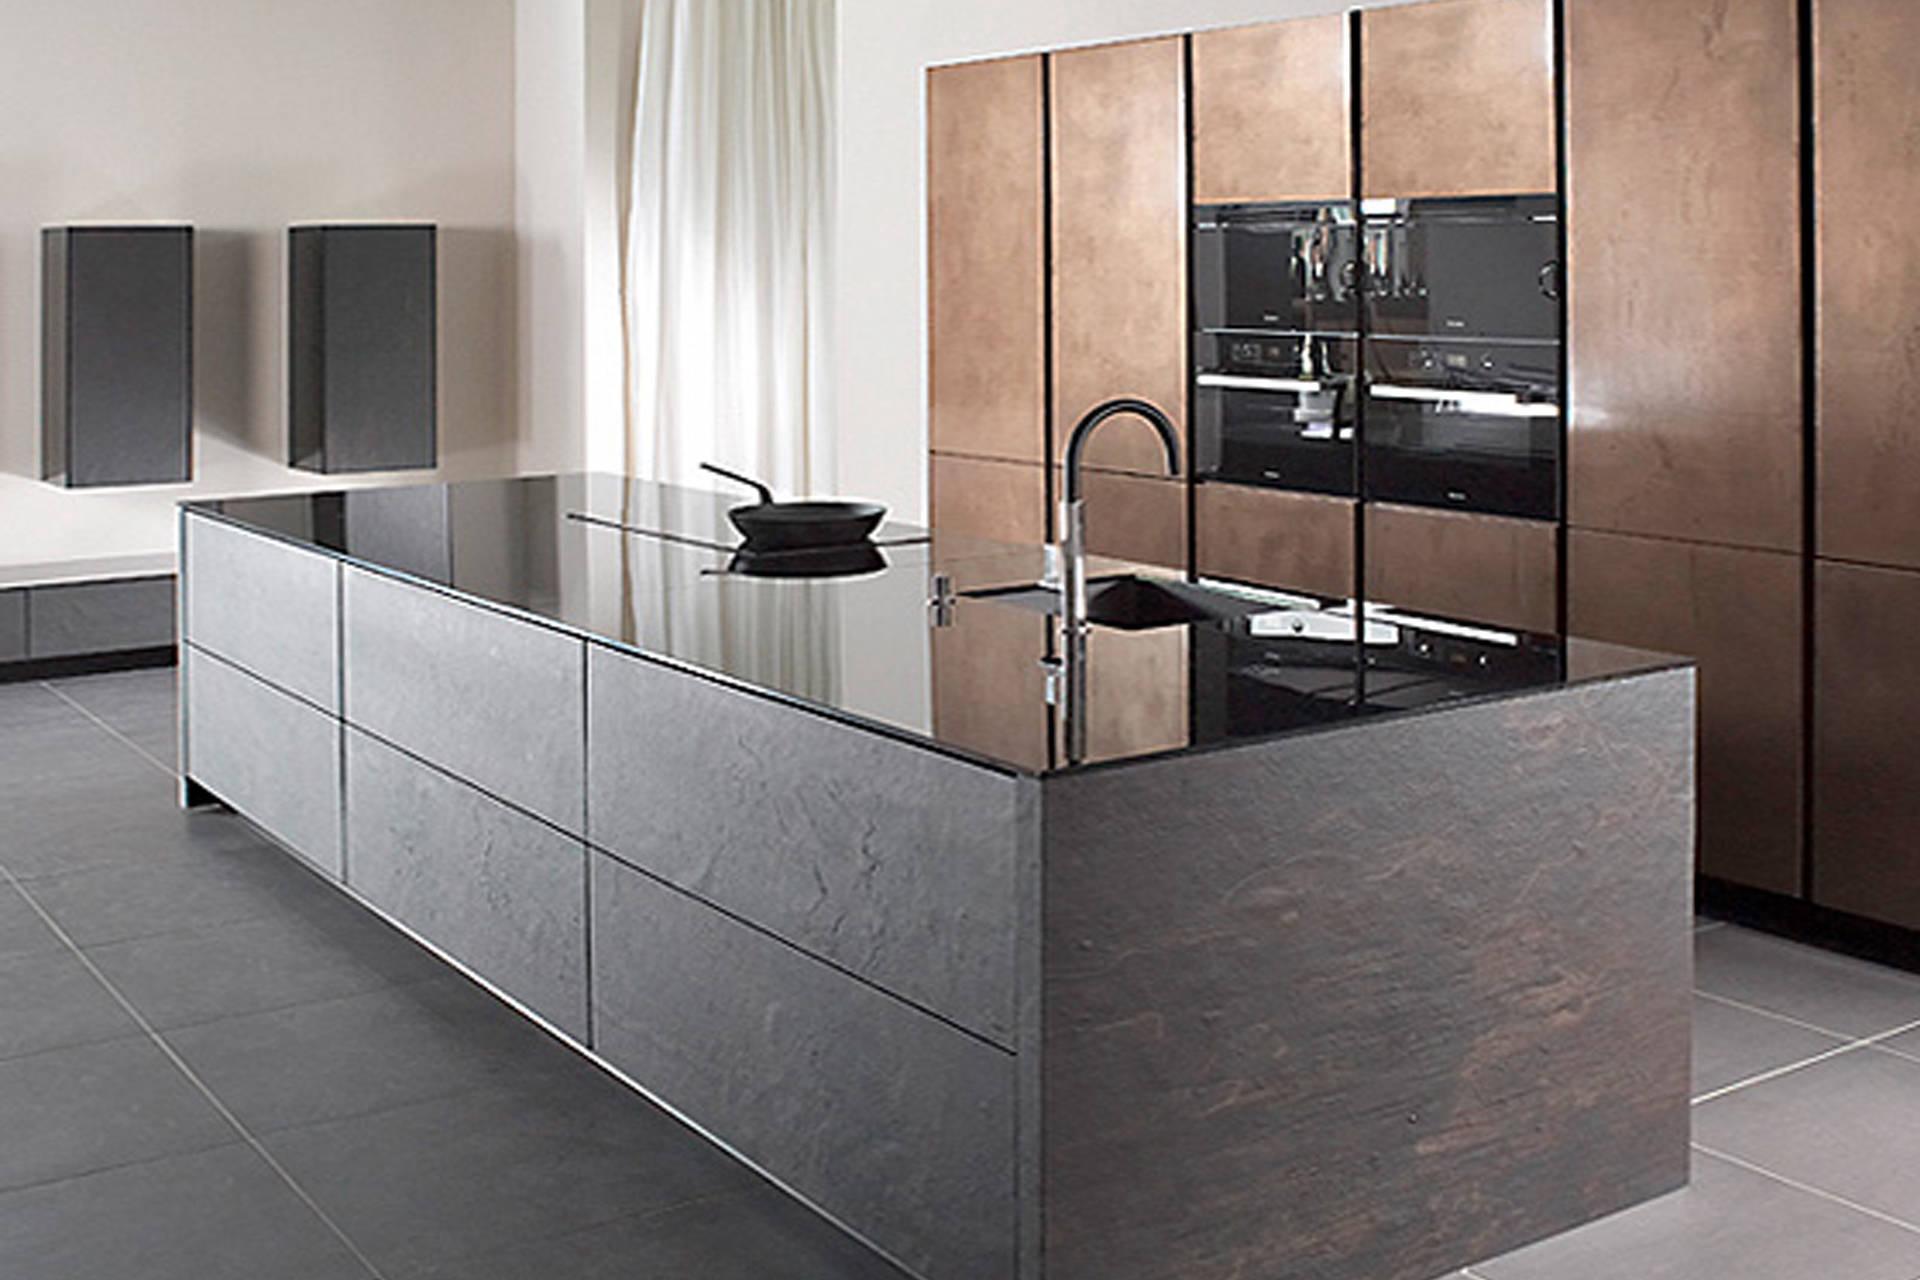 schreinerei ulrich burkhardt. Black Bedroom Furniture Sets. Home Design Ideas